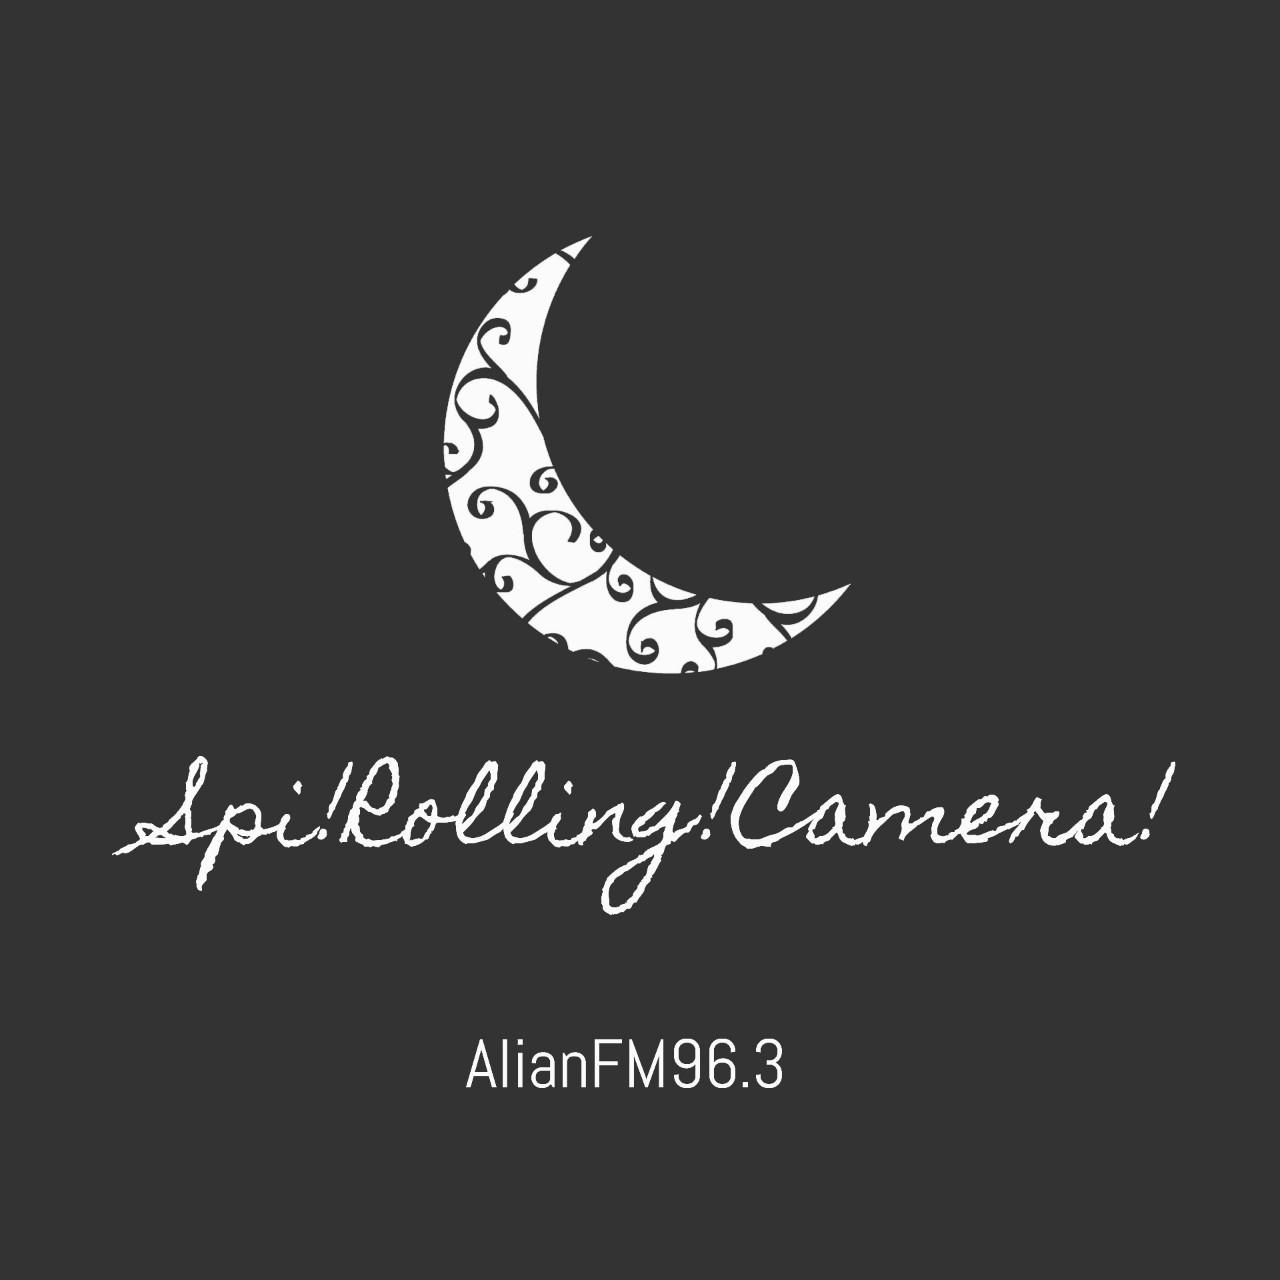 Spi!Rolling!Camera!-ep1